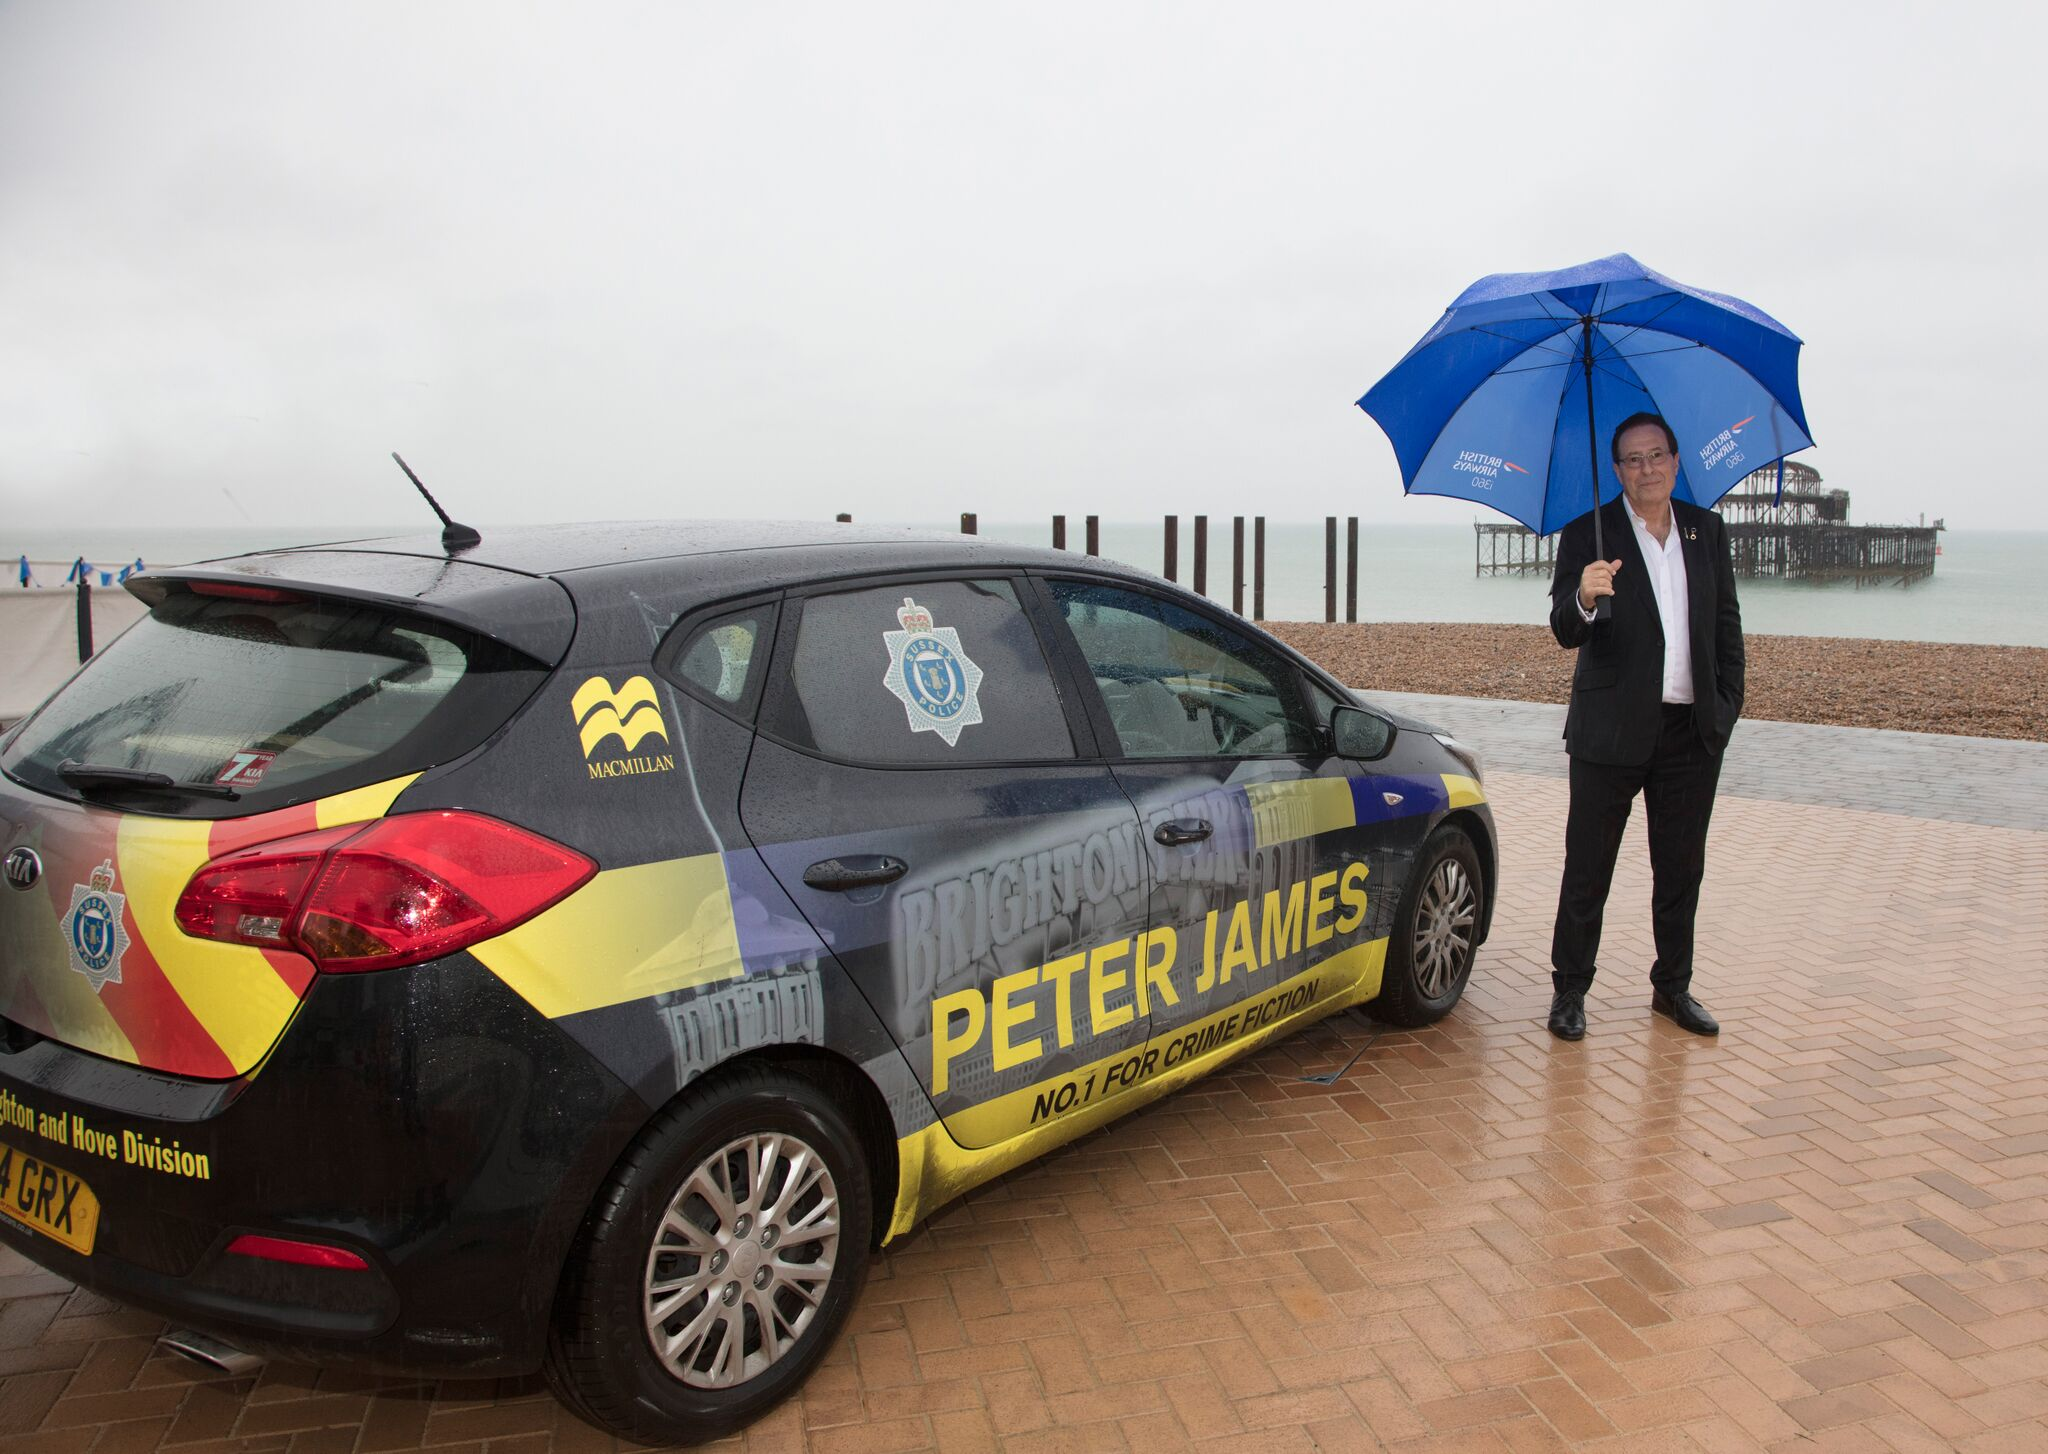 Peter James mener at den beste måten å observere verden på er gjennom en politimanns øyne